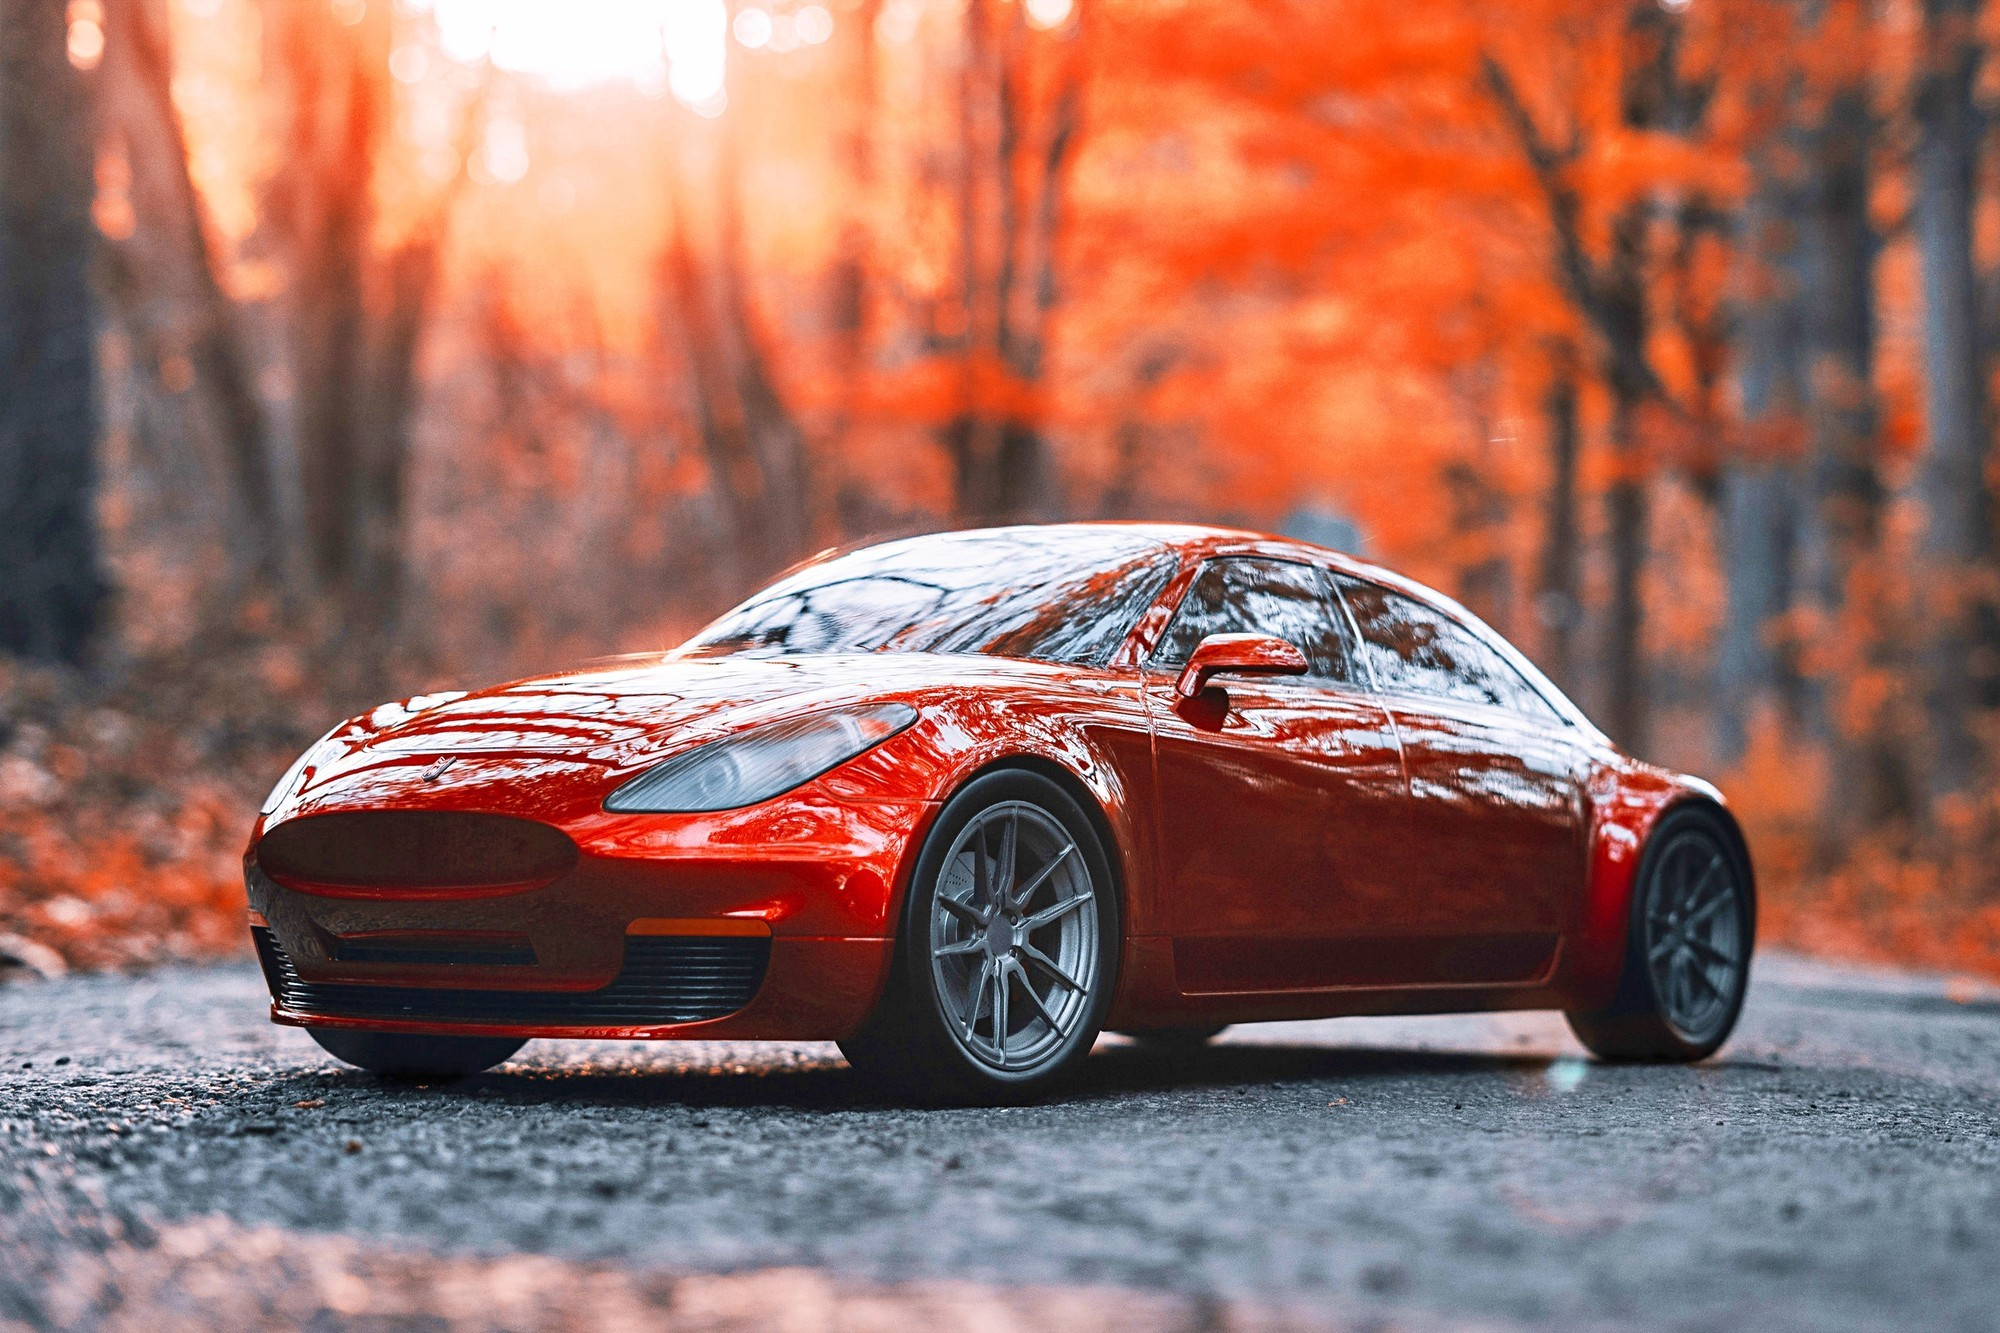 AK Motor International Corporation создала бренд Maple Majestic, под которым решено делать гибриды и электрокары, а со временем марка должна стать главным канадским автопроизводителем.